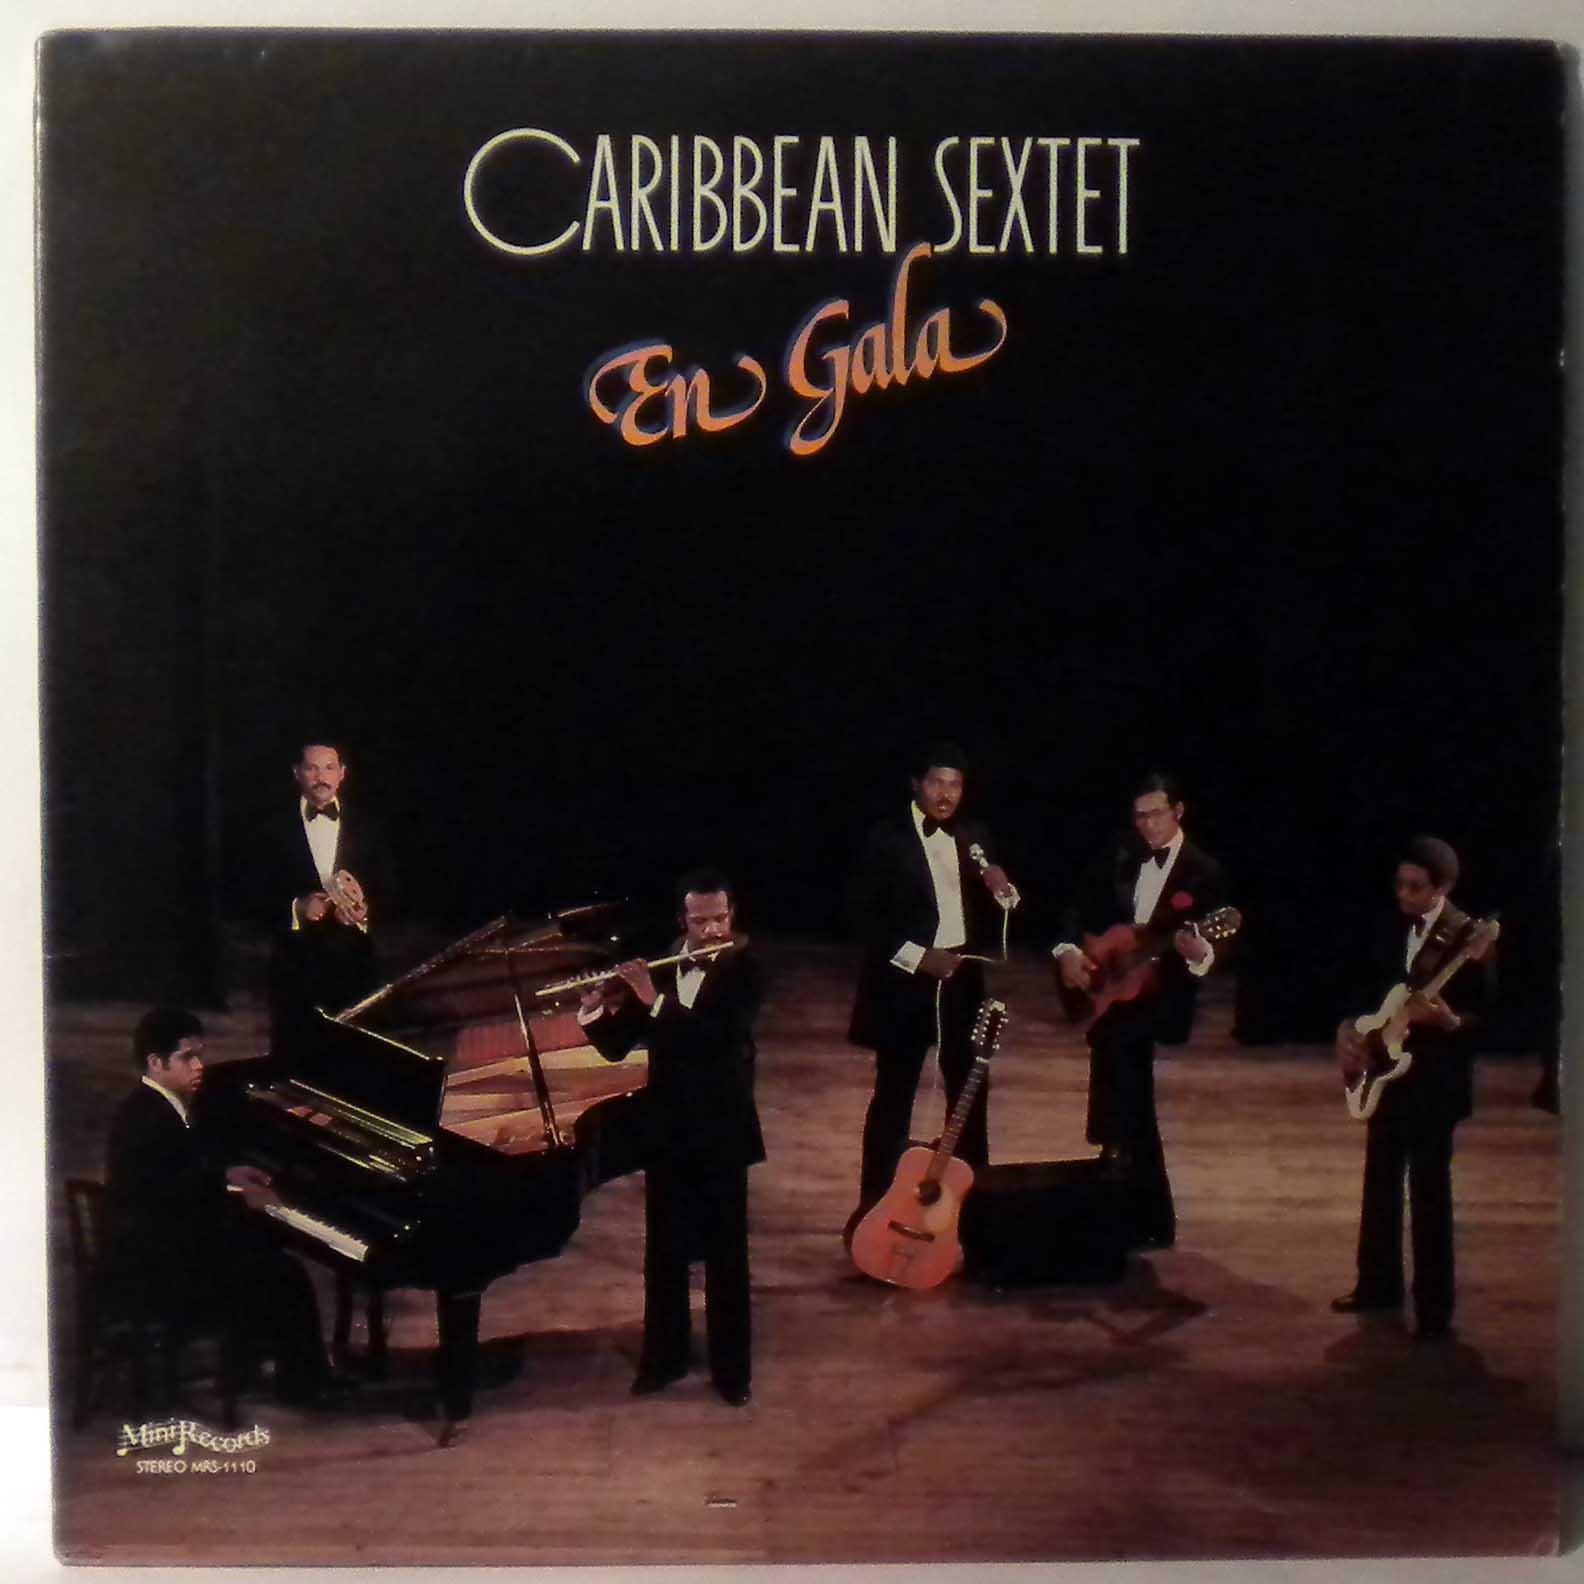 CARIBBEAN SEXTET - En gala - 33T